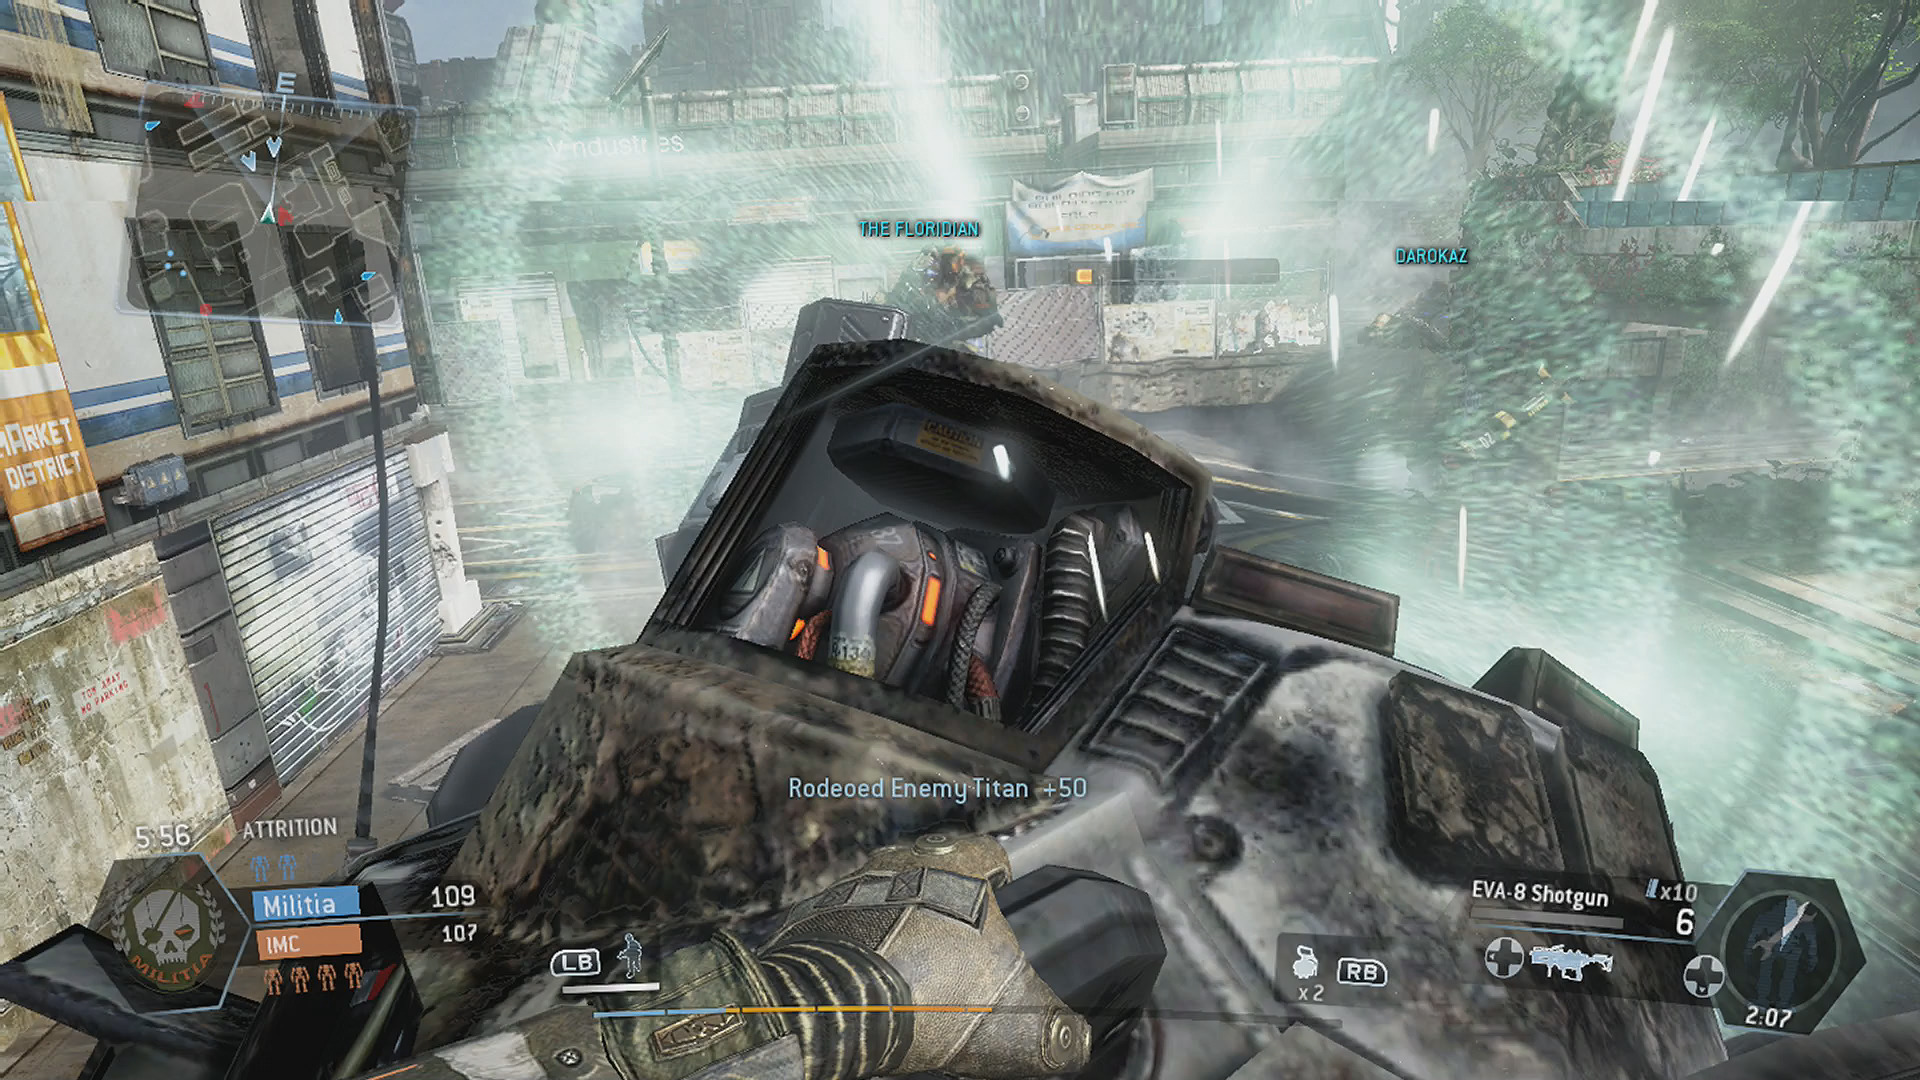 Rodeoed Enemy Titan